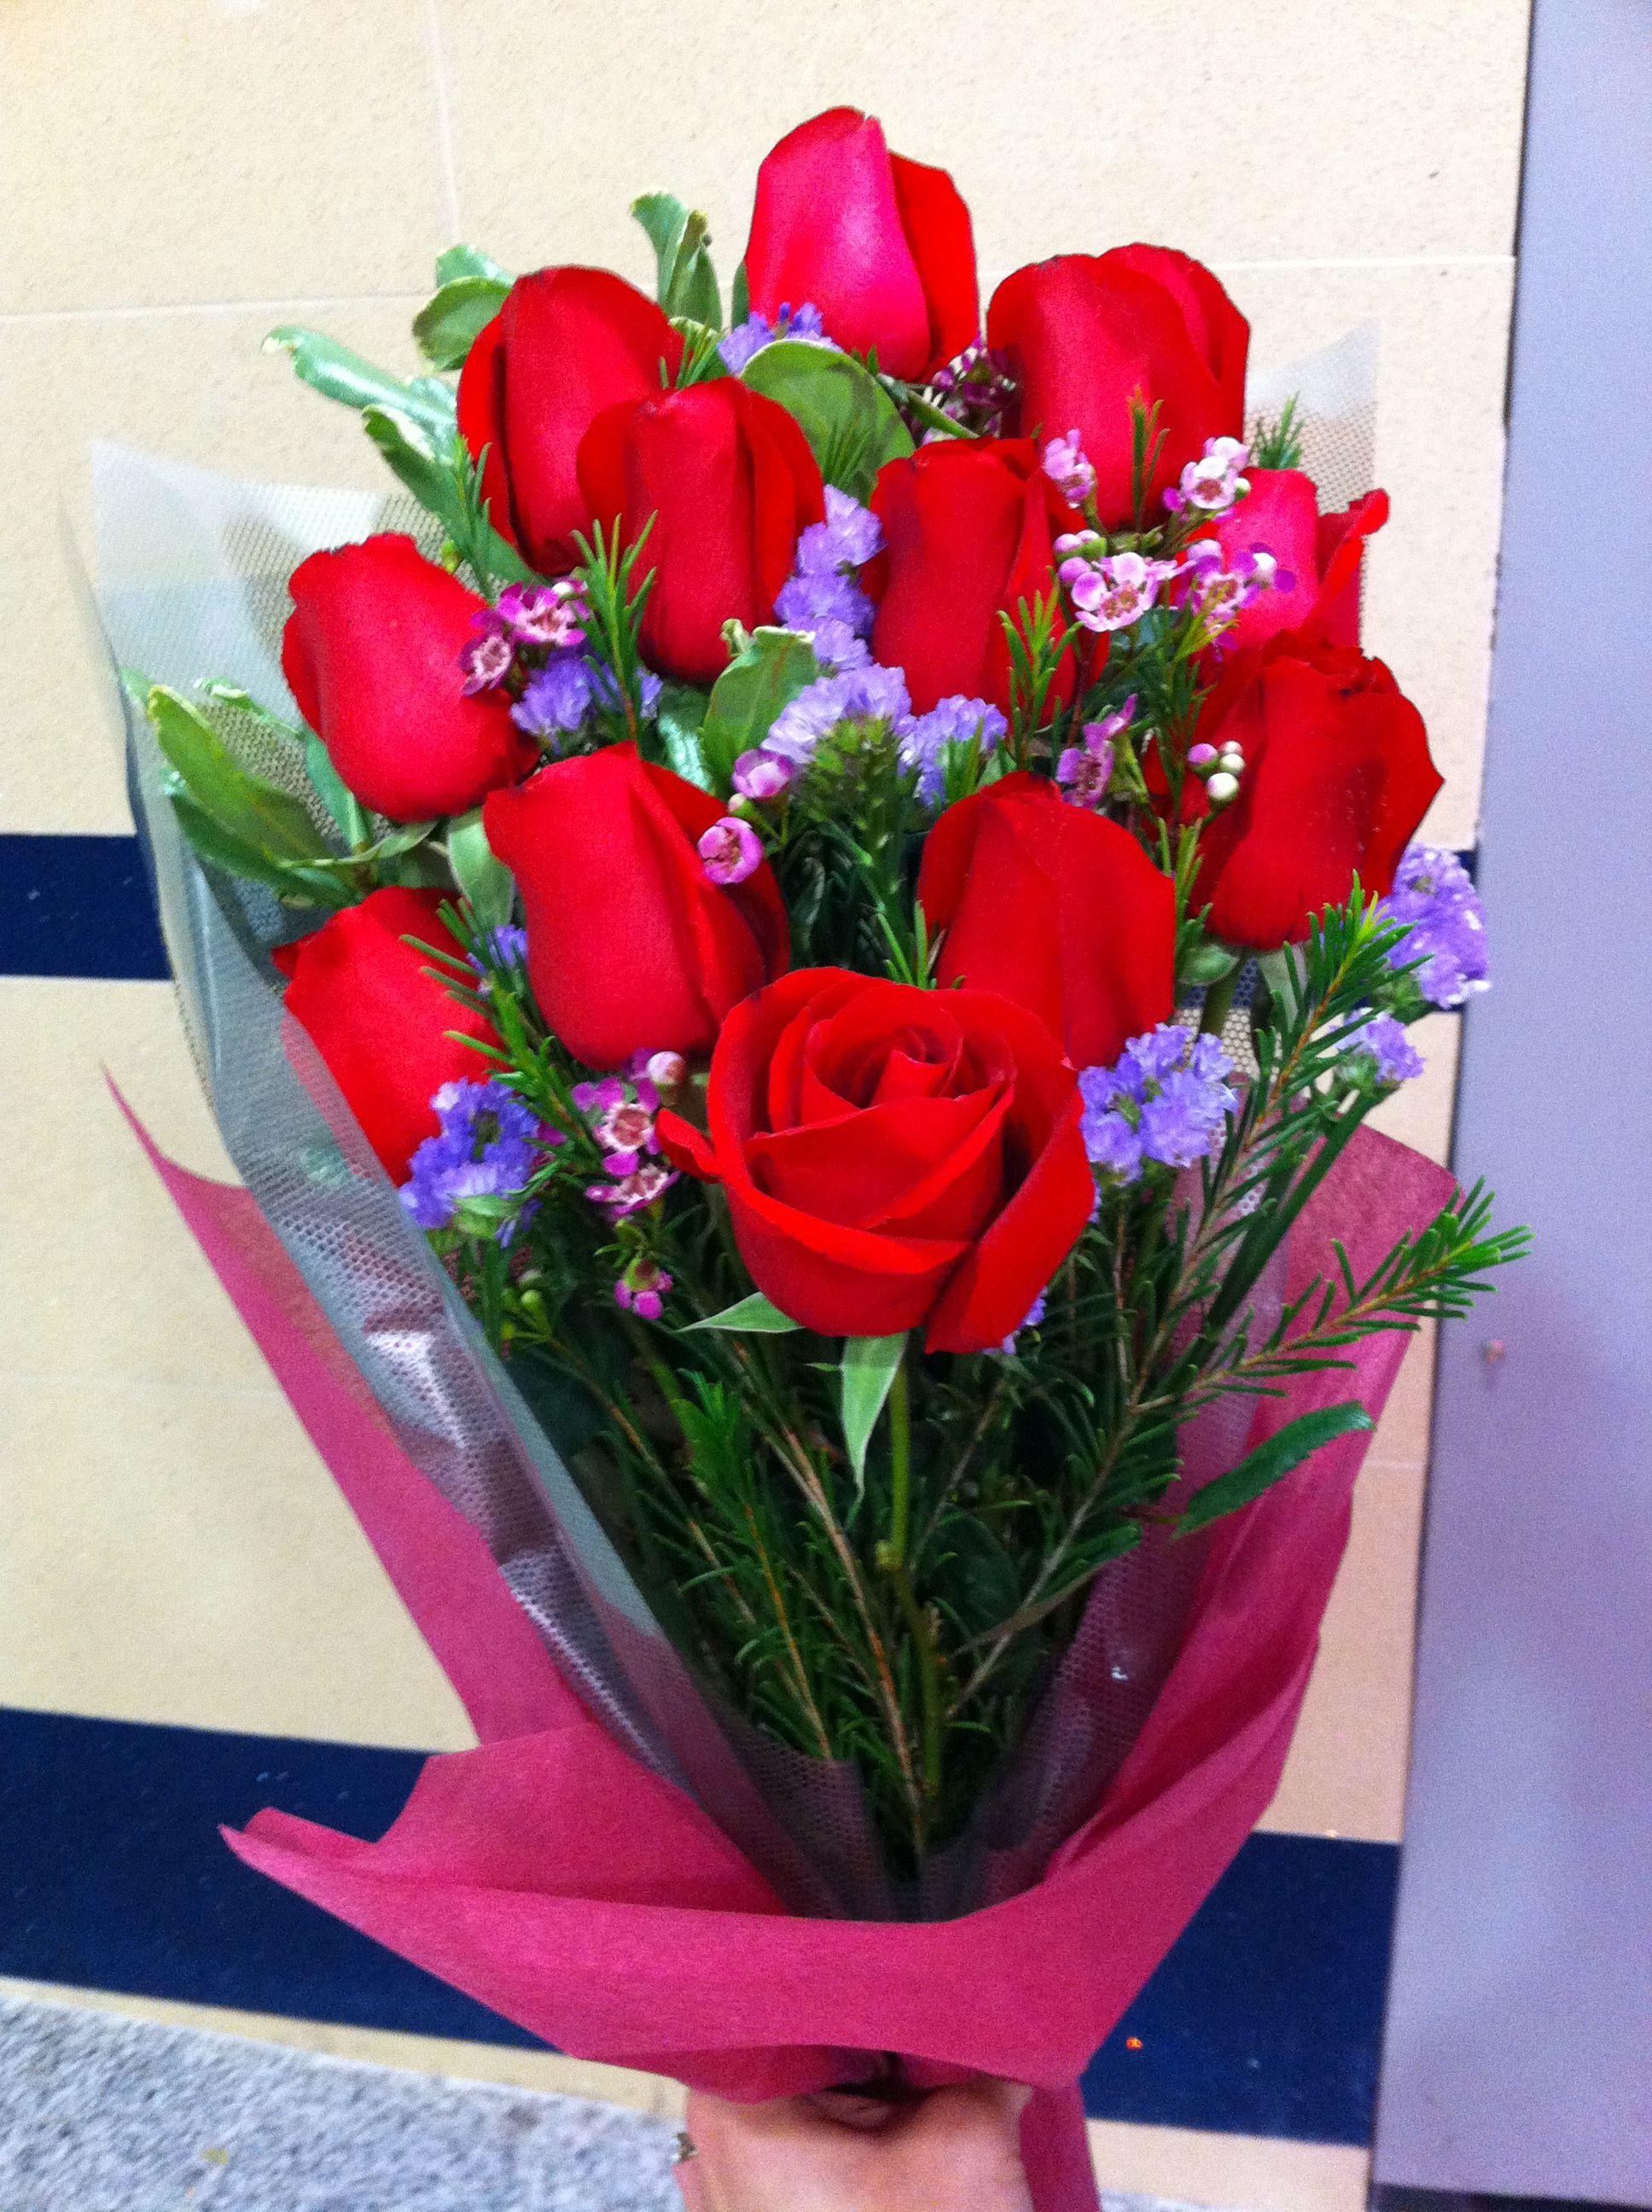 Valentine flowers I gave to my wife